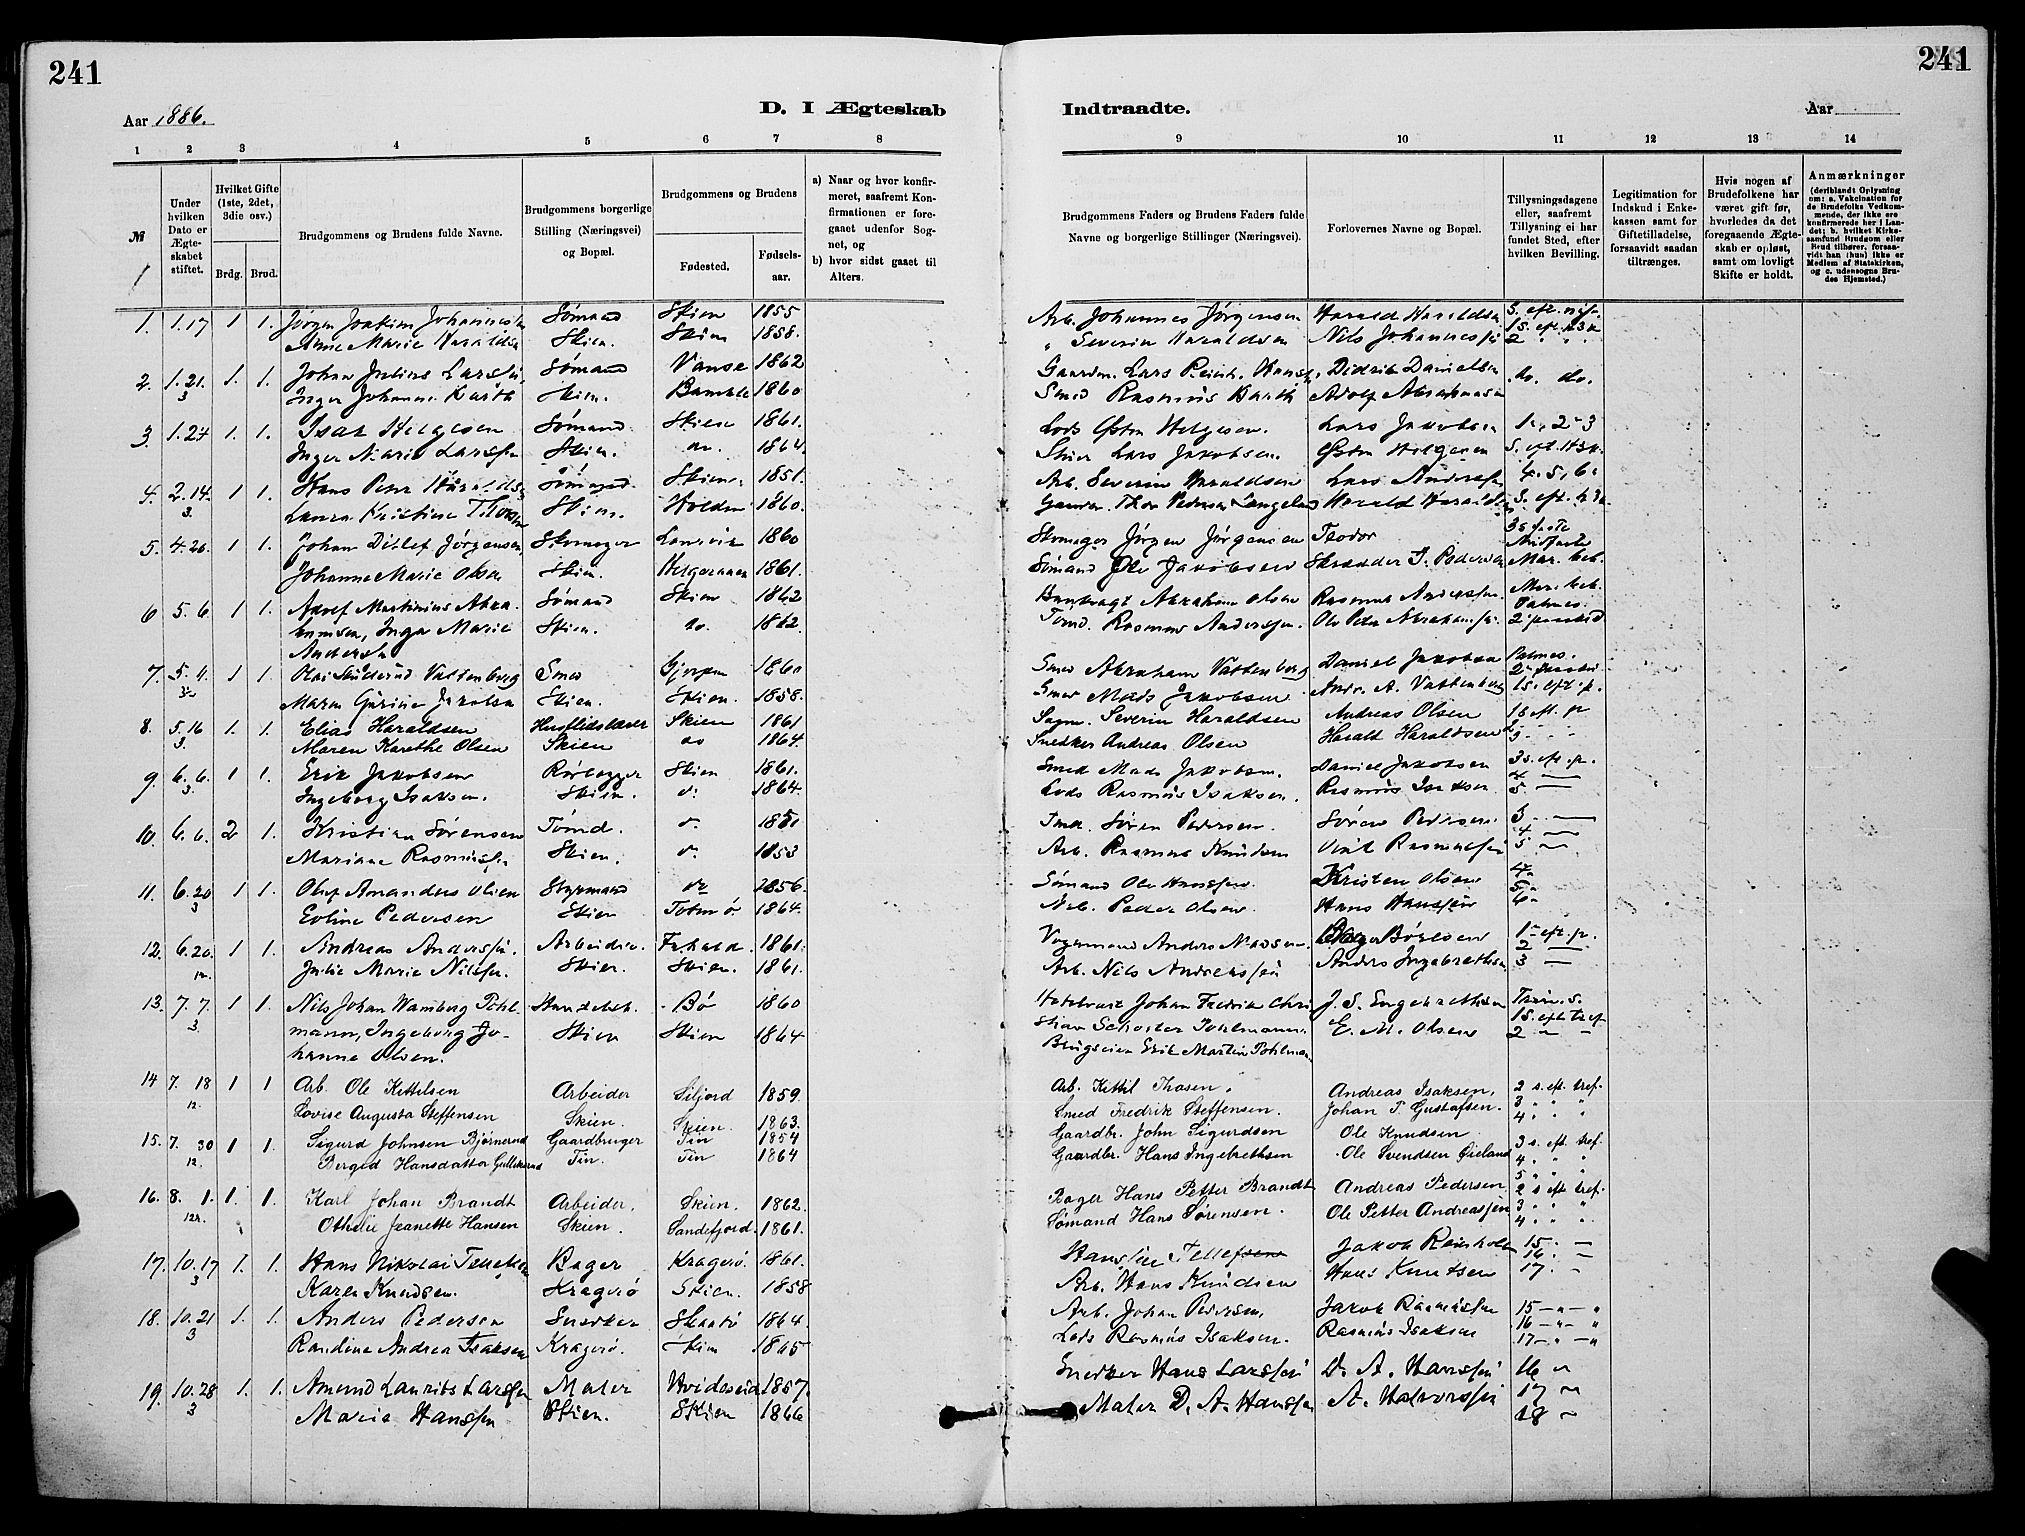 SAKO, Skien kirkebøker, G/Ga/L0006: Klokkerbok nr. 6, 1881-1890, s. 241